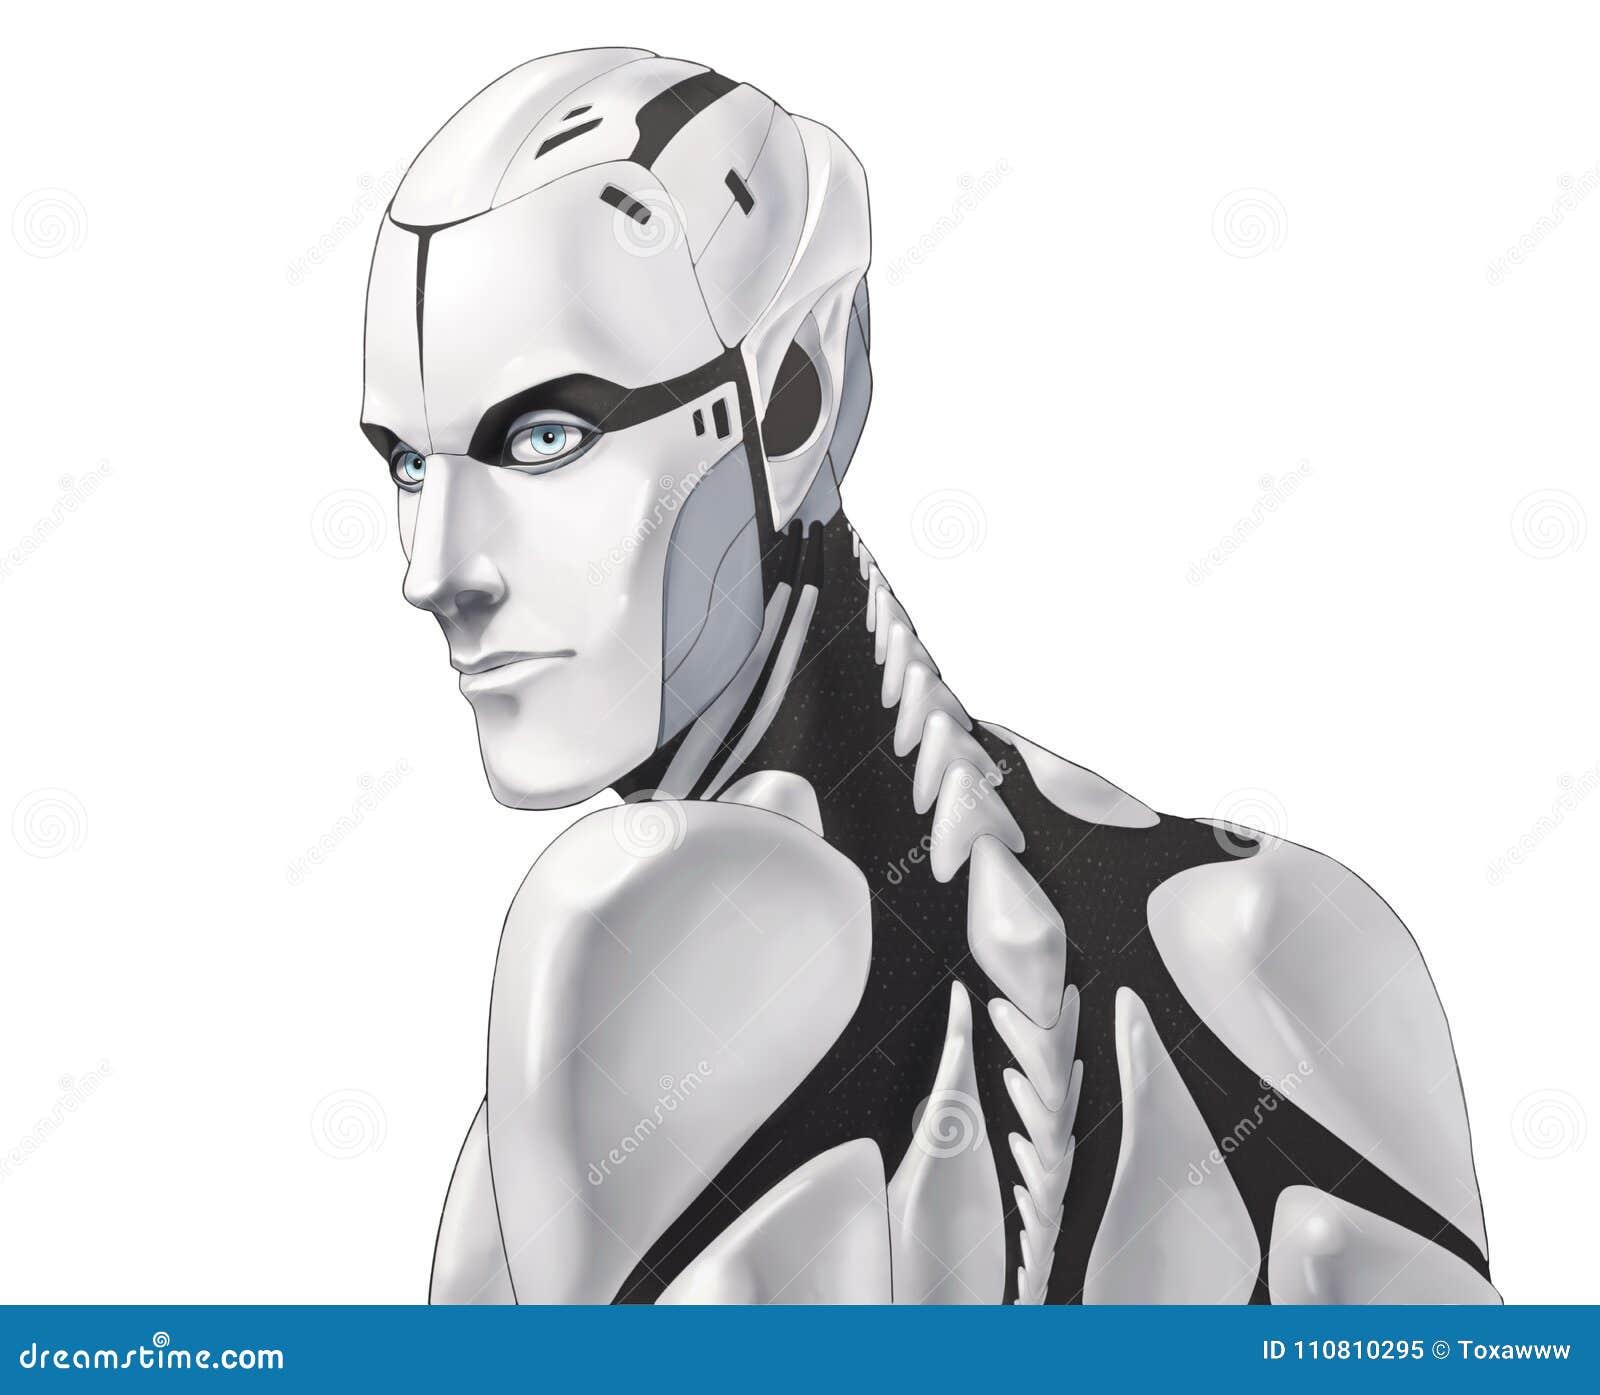 Futuristic cyborg illustration portrait isolated on white background